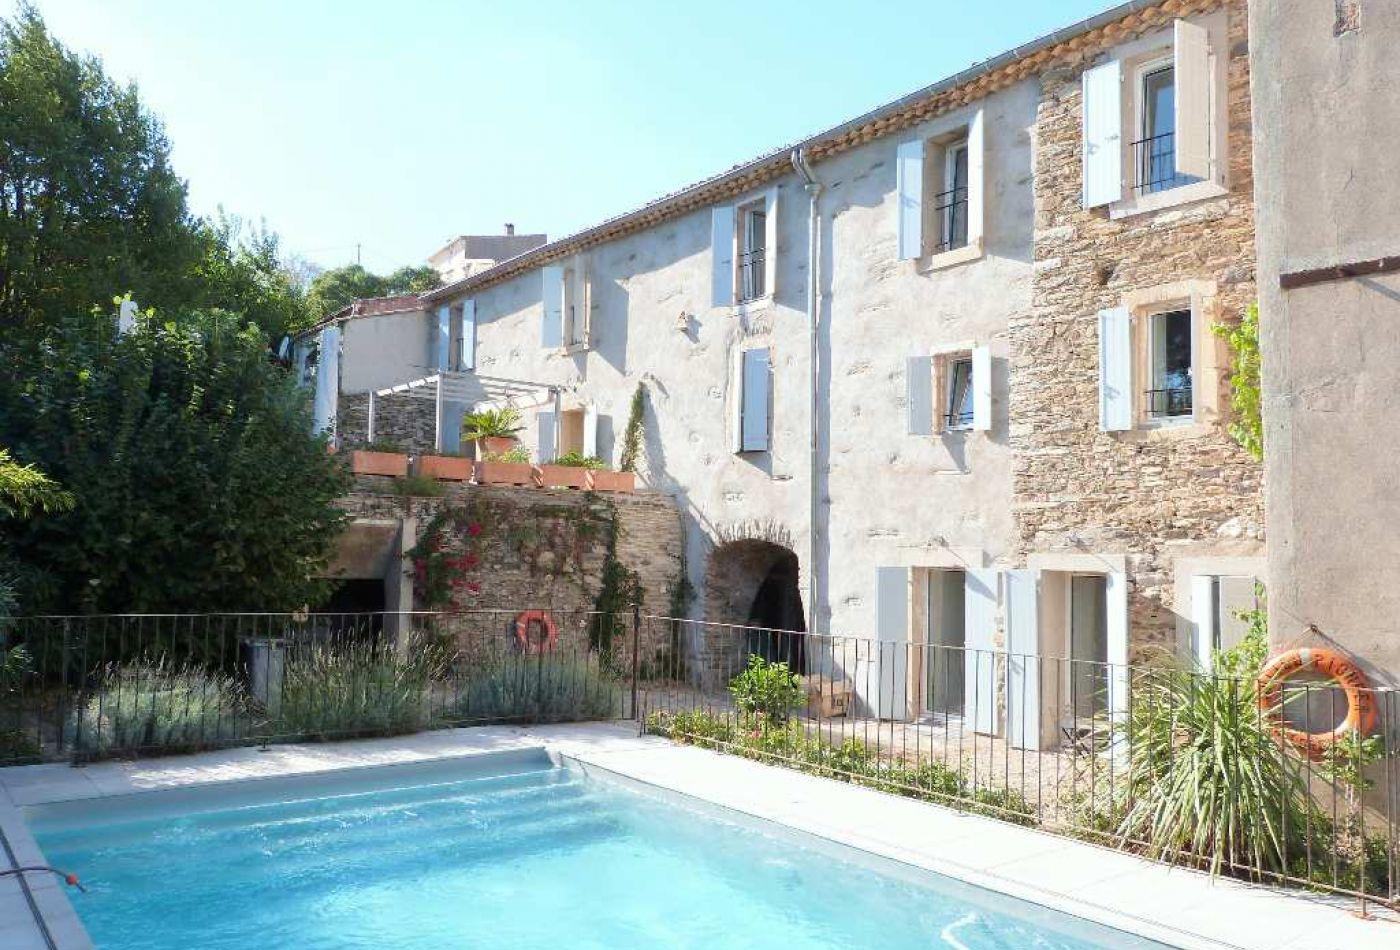 Maison de caract re en vente pezenas r f340134944 for Agence de vente de maison